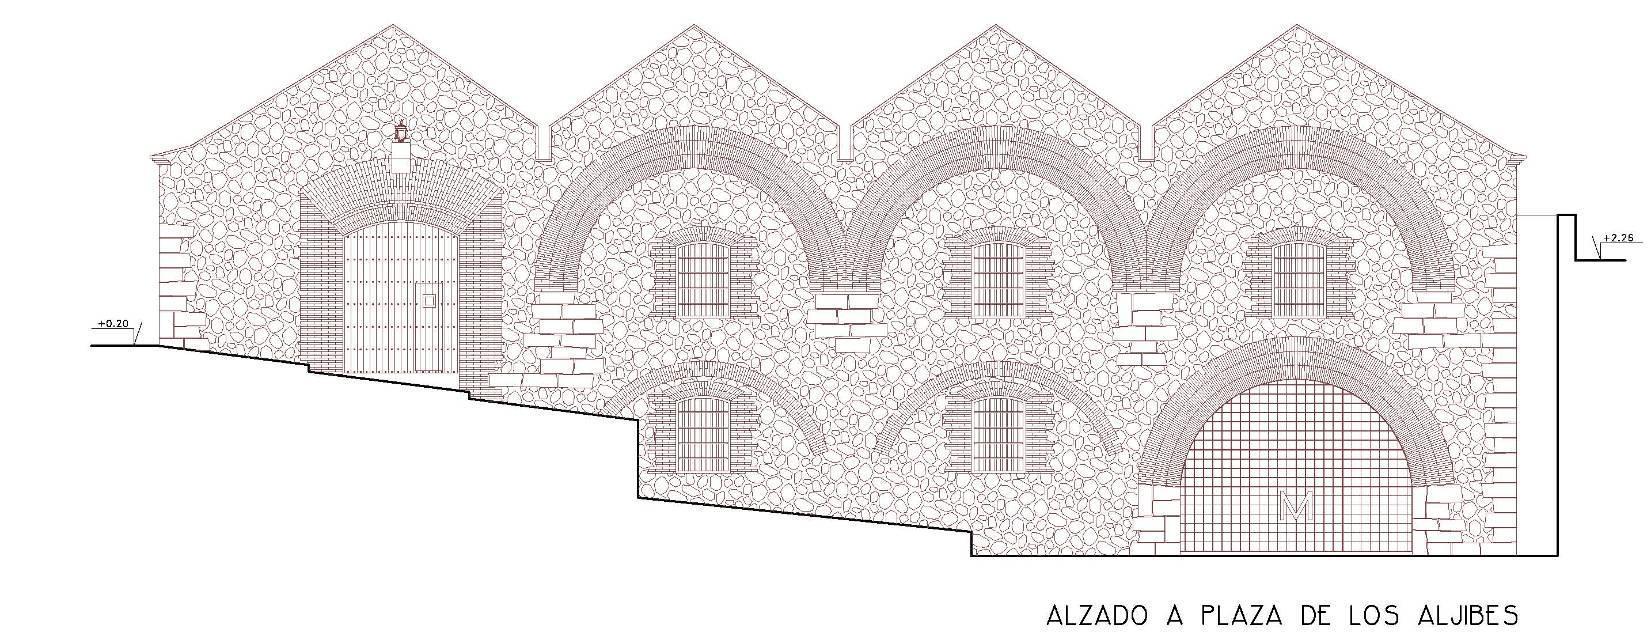 11-ER-ALZADOS-rec1